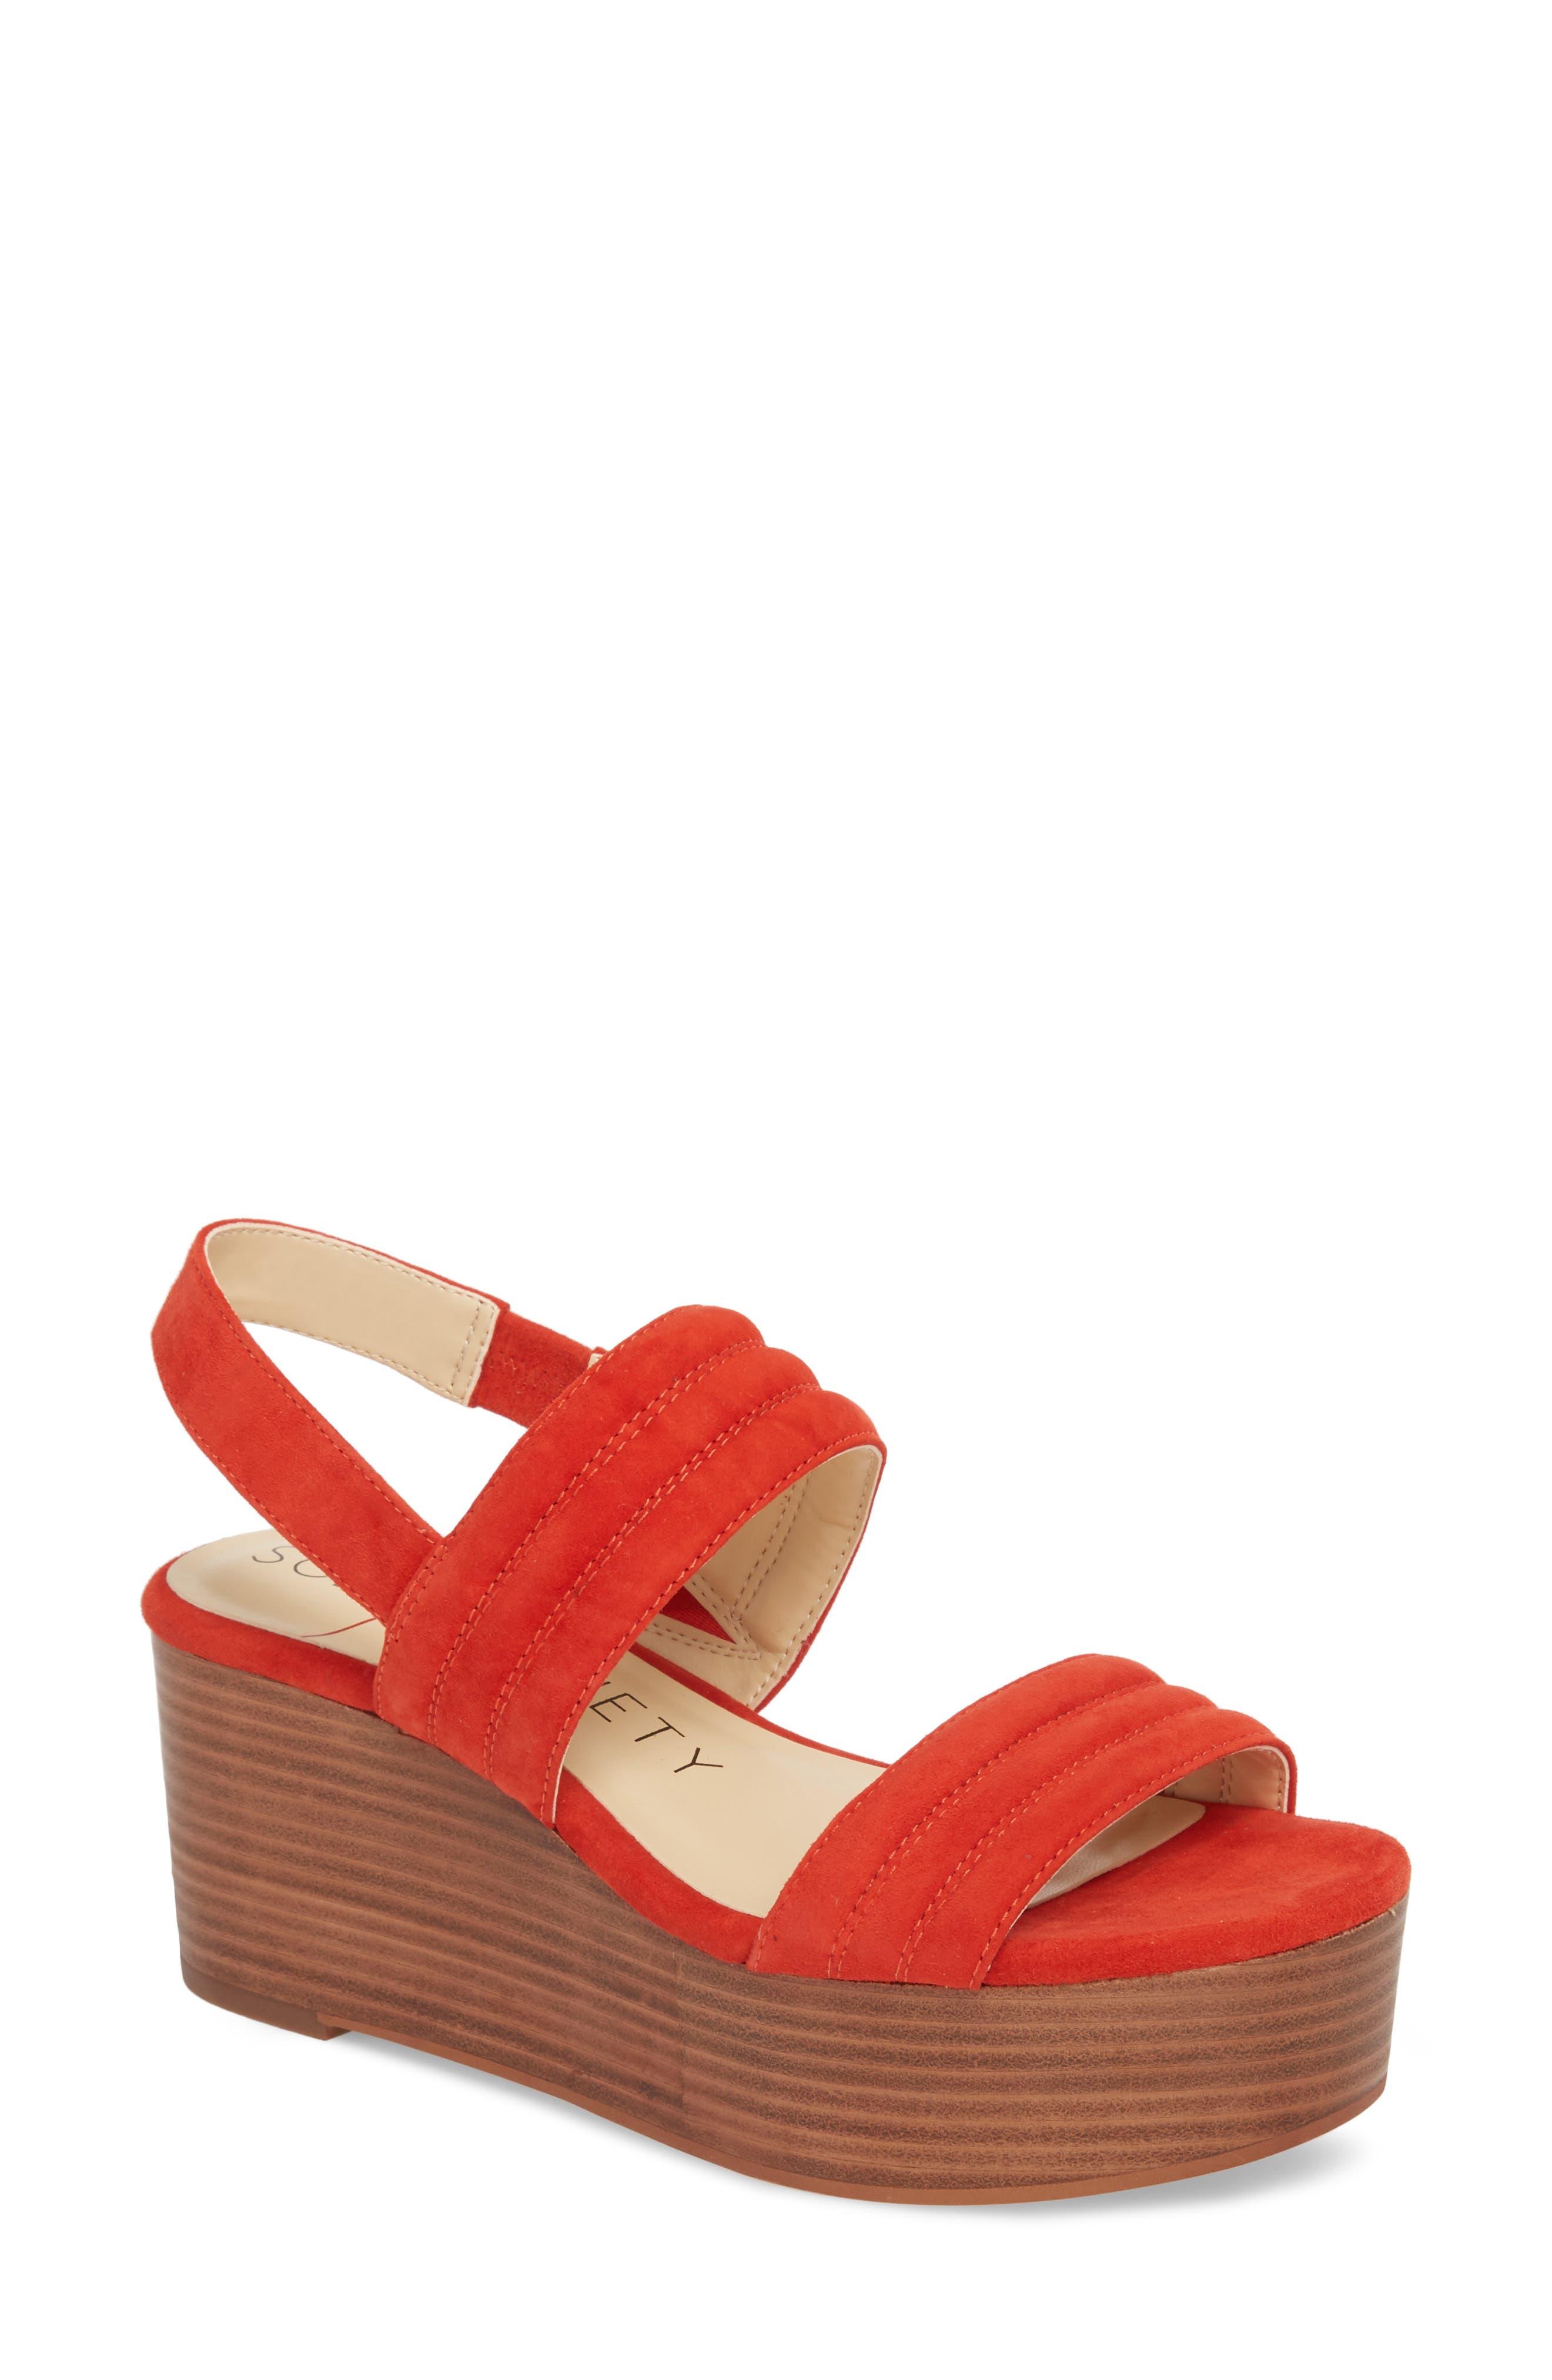 Amberly Platform Sandal,                             Main thumbnail 4, color,